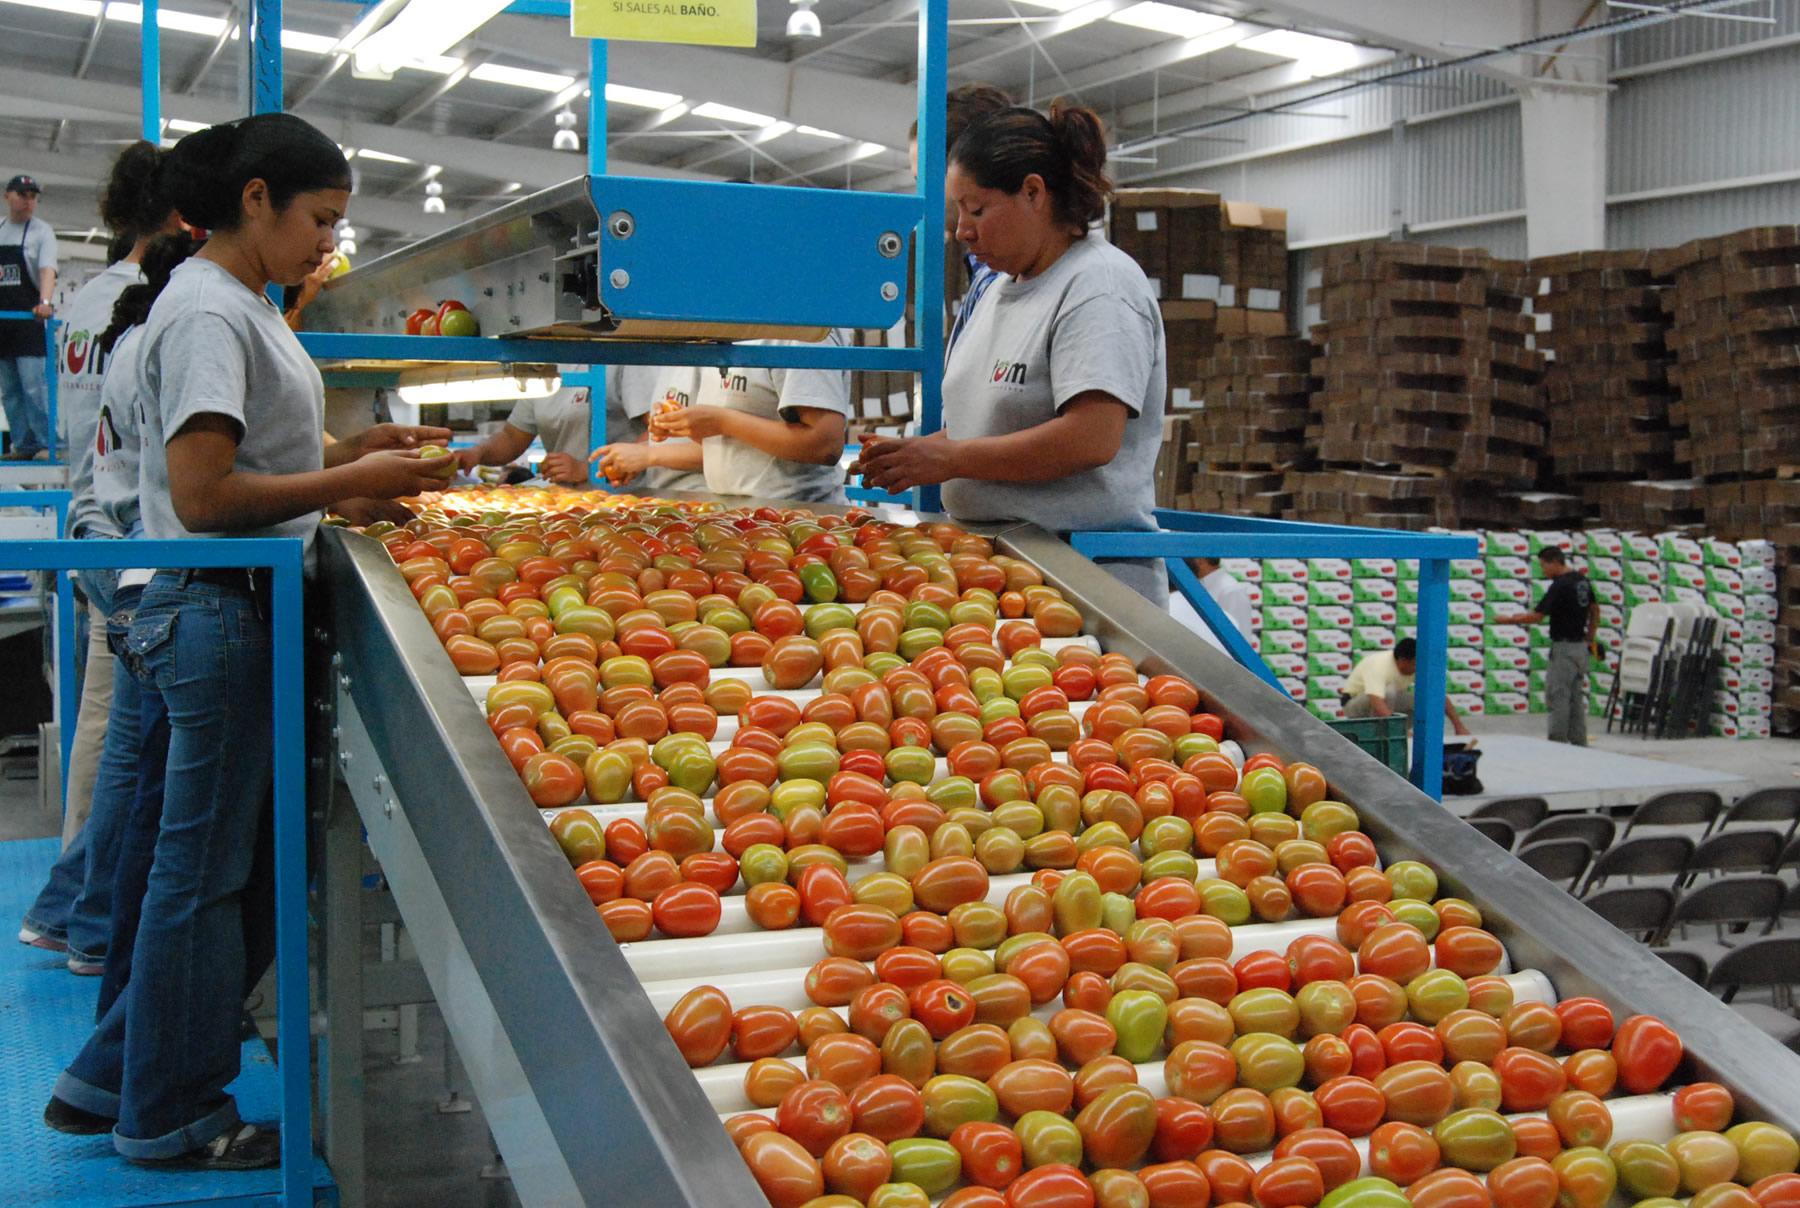 En el periodo enero – octubre 2015, la balanza comercial agroalimentaria presenta un superávit para México de 802.6 millones de dólares.